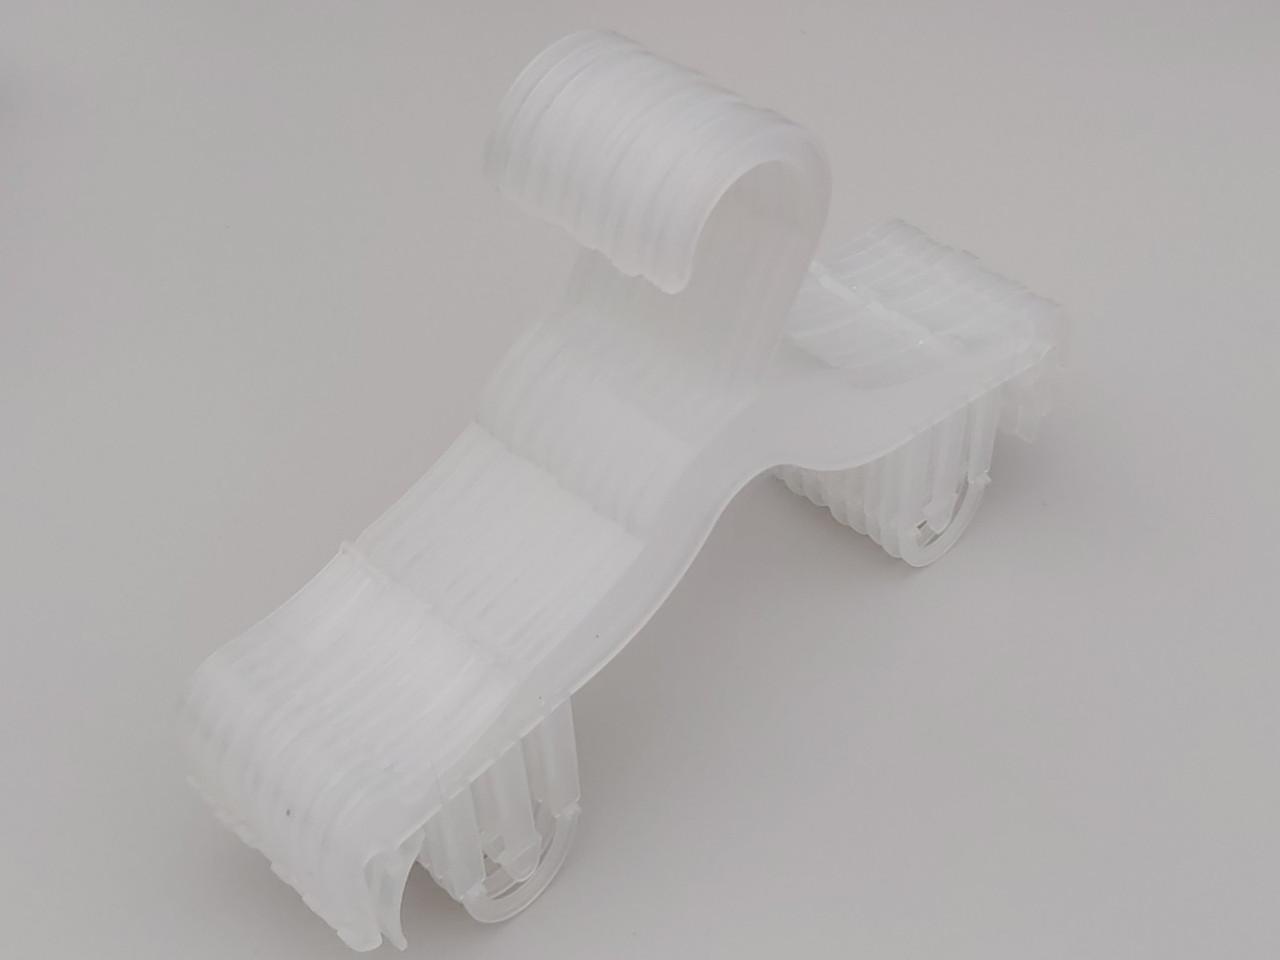 Плечики вешалки пластмассовые для нижнего белья V-DS26 pp матового цвета, длина 25,5 см, 10 штук в упаковке